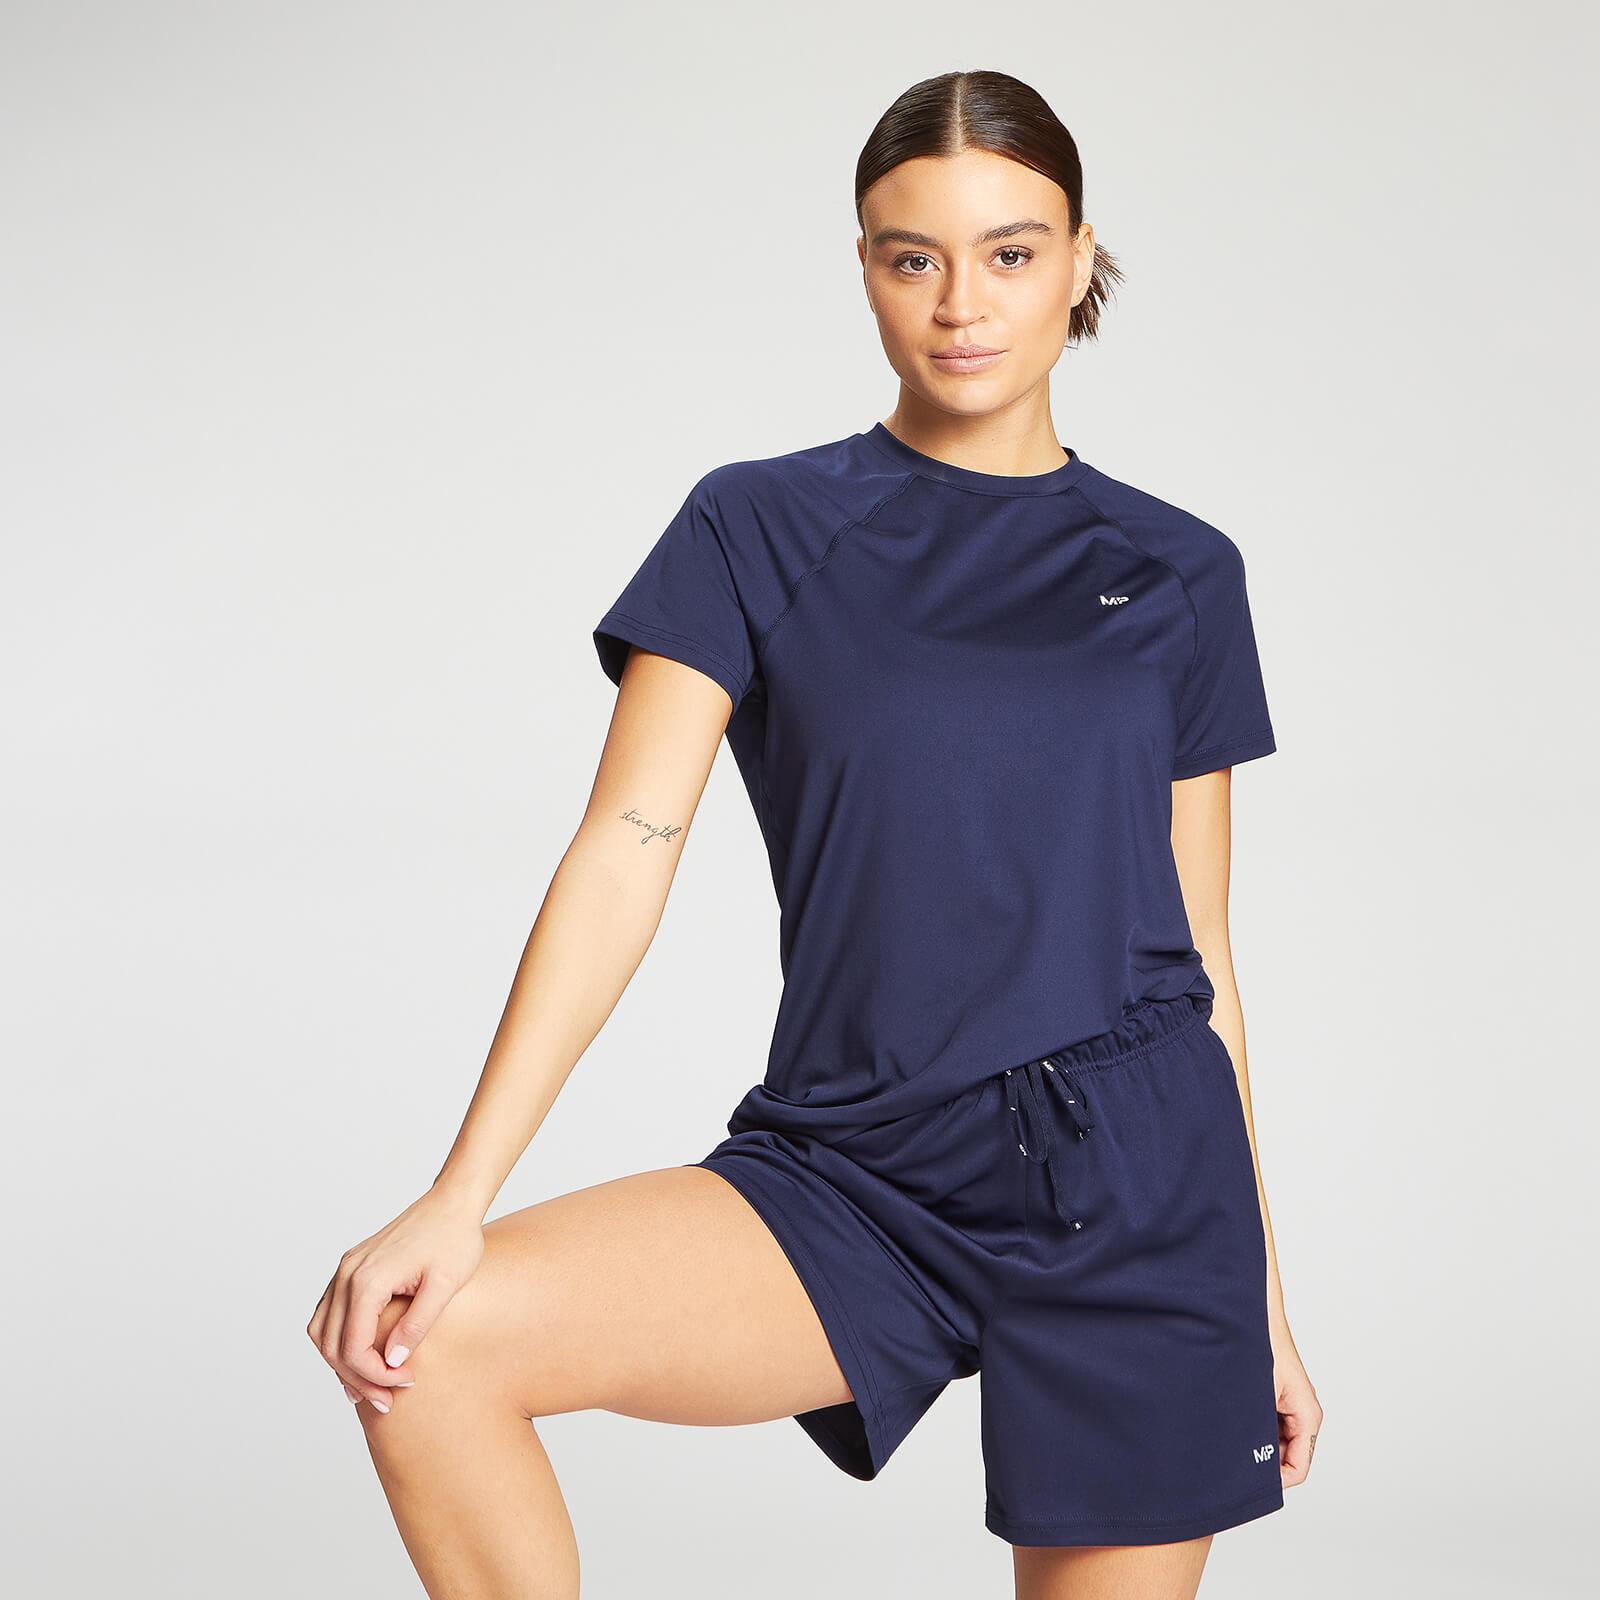 Купить MP Women's Essentials Training T-Shirt - Navy - XL, Myprotein International